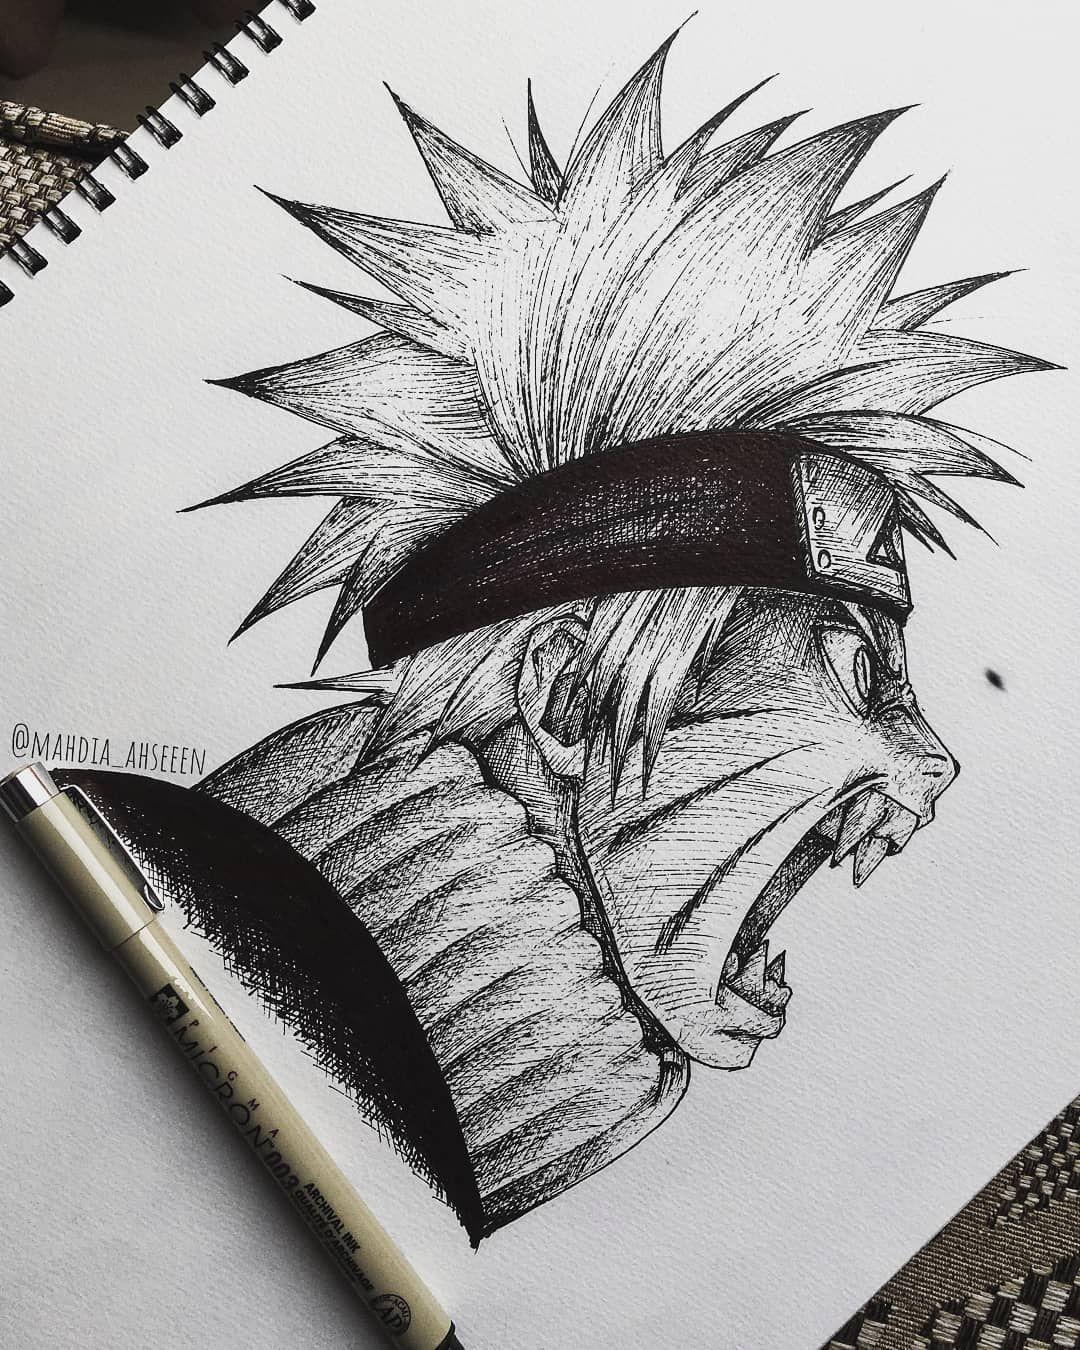 Video Desenhe Seus Personagens Favoritos Naruto Dibujos A Lapiz